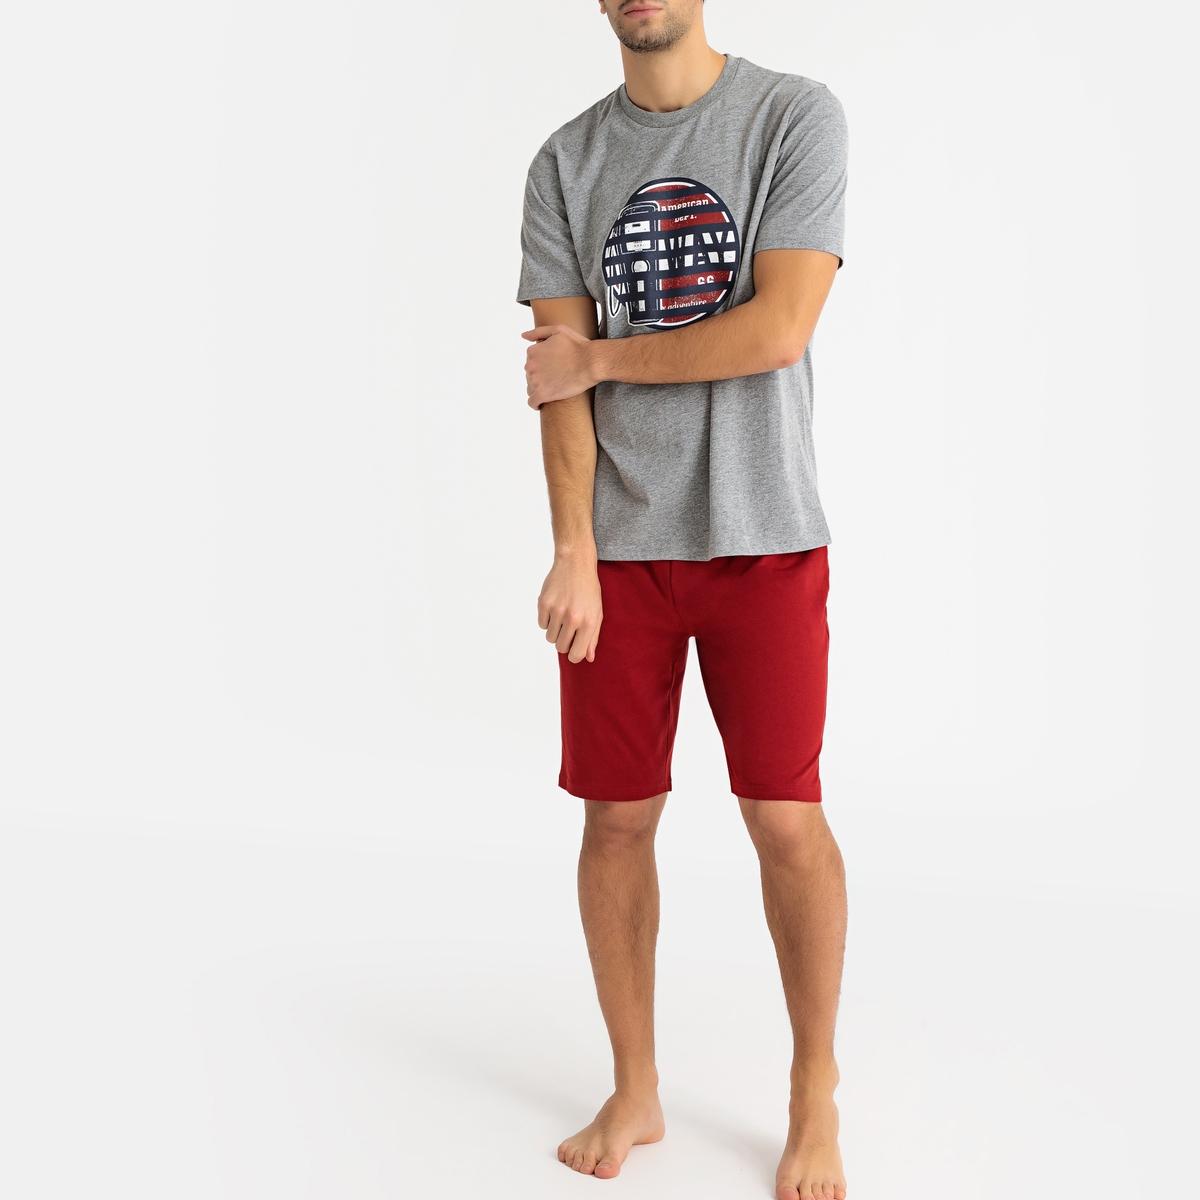 Pijama estampado, mangas curtas